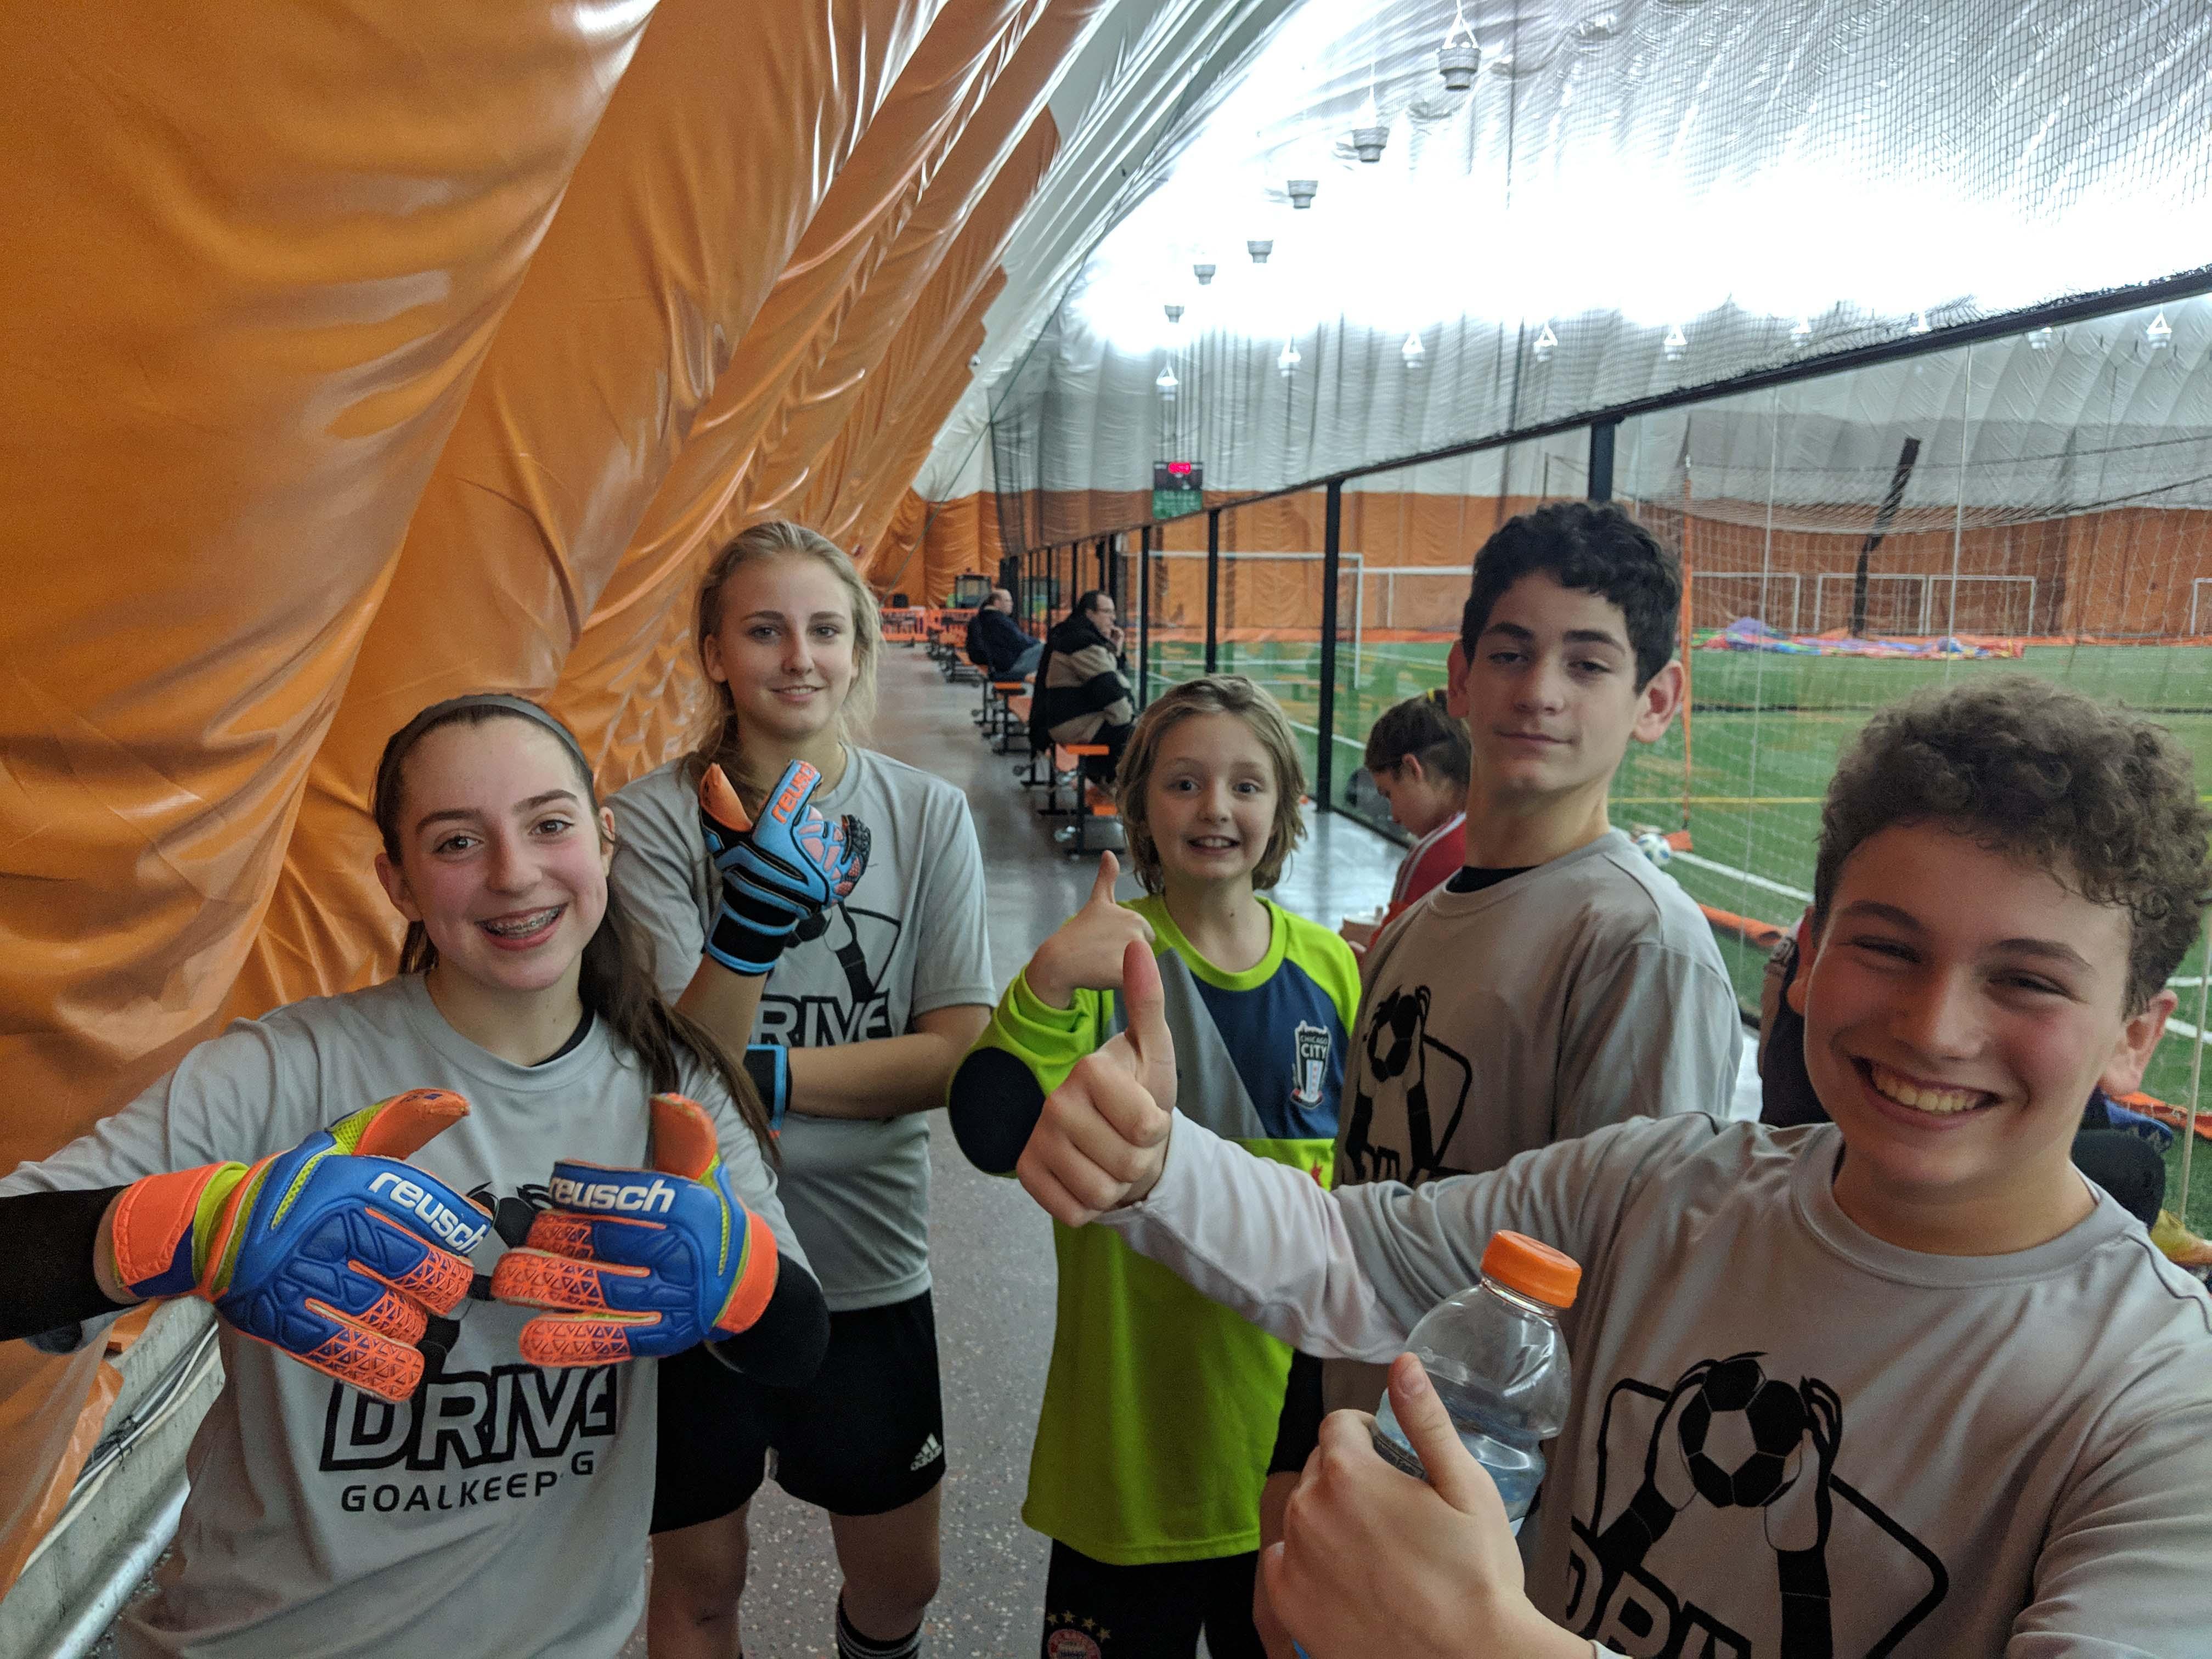 Group photo camp Having fun smaller